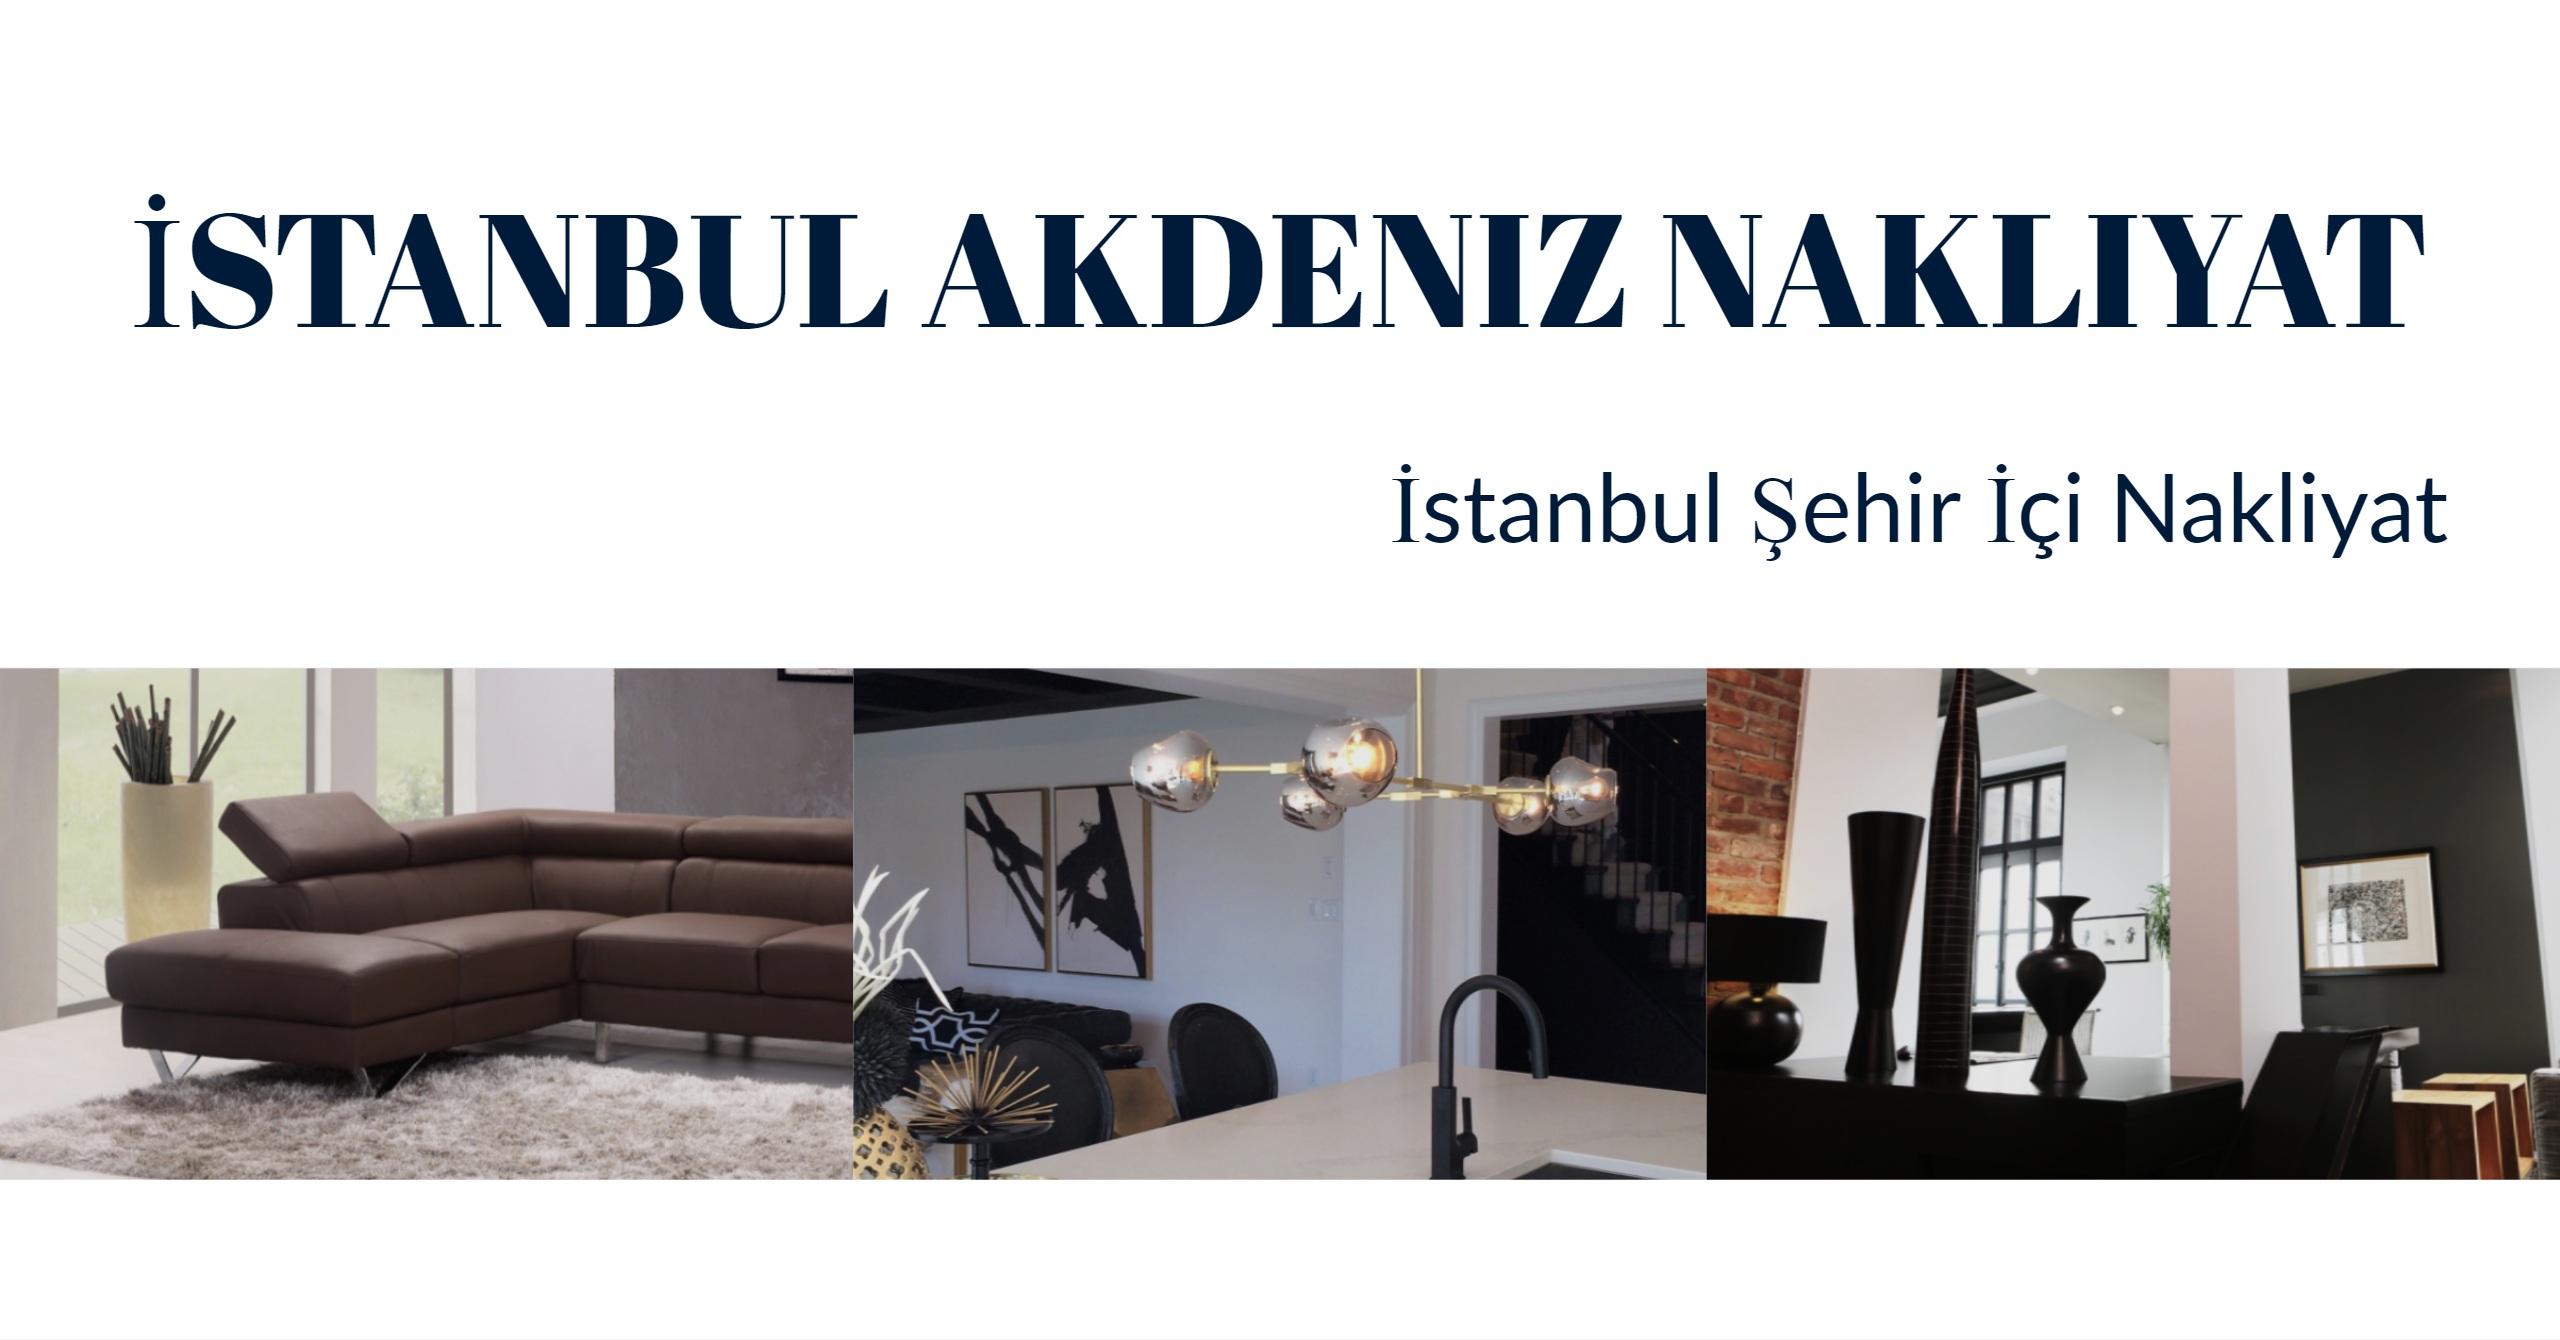 İstanbul-şehir-içi-nakliyat